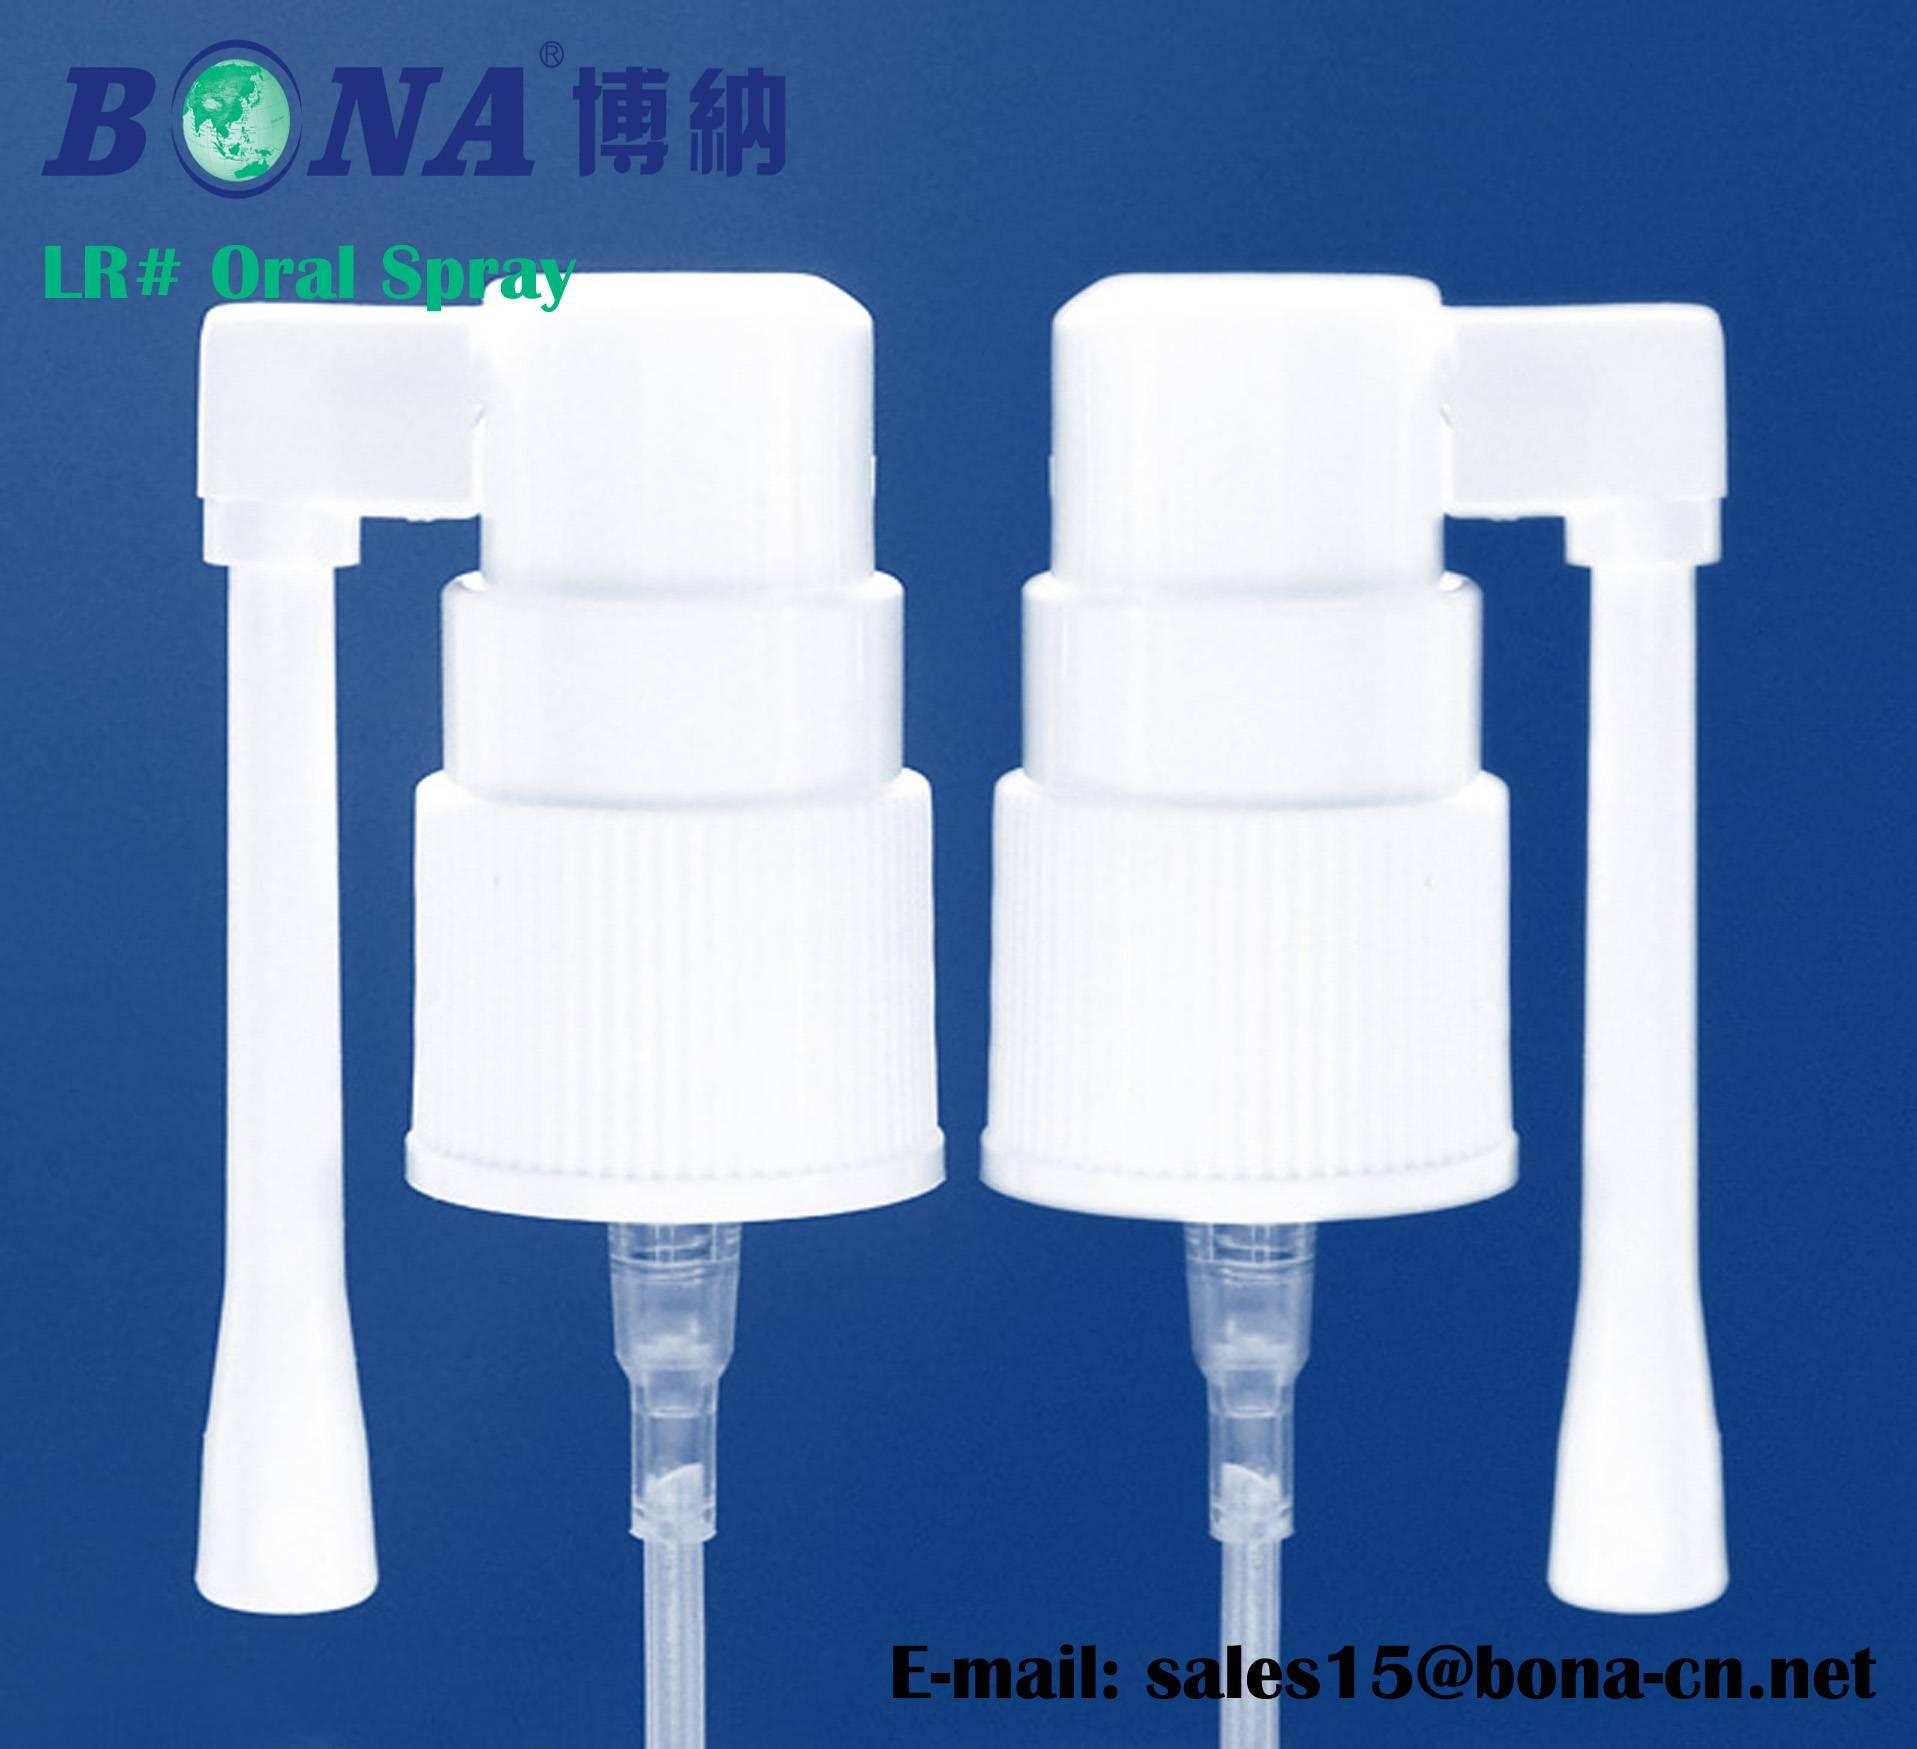 Long Oral Spray 18mm screw on Pump